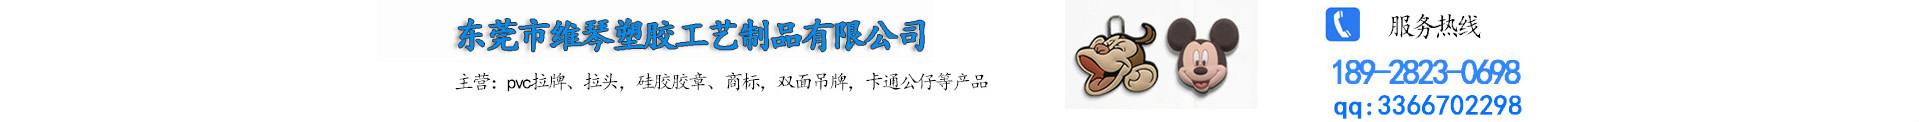 东莞市维琴塑胶有限公司